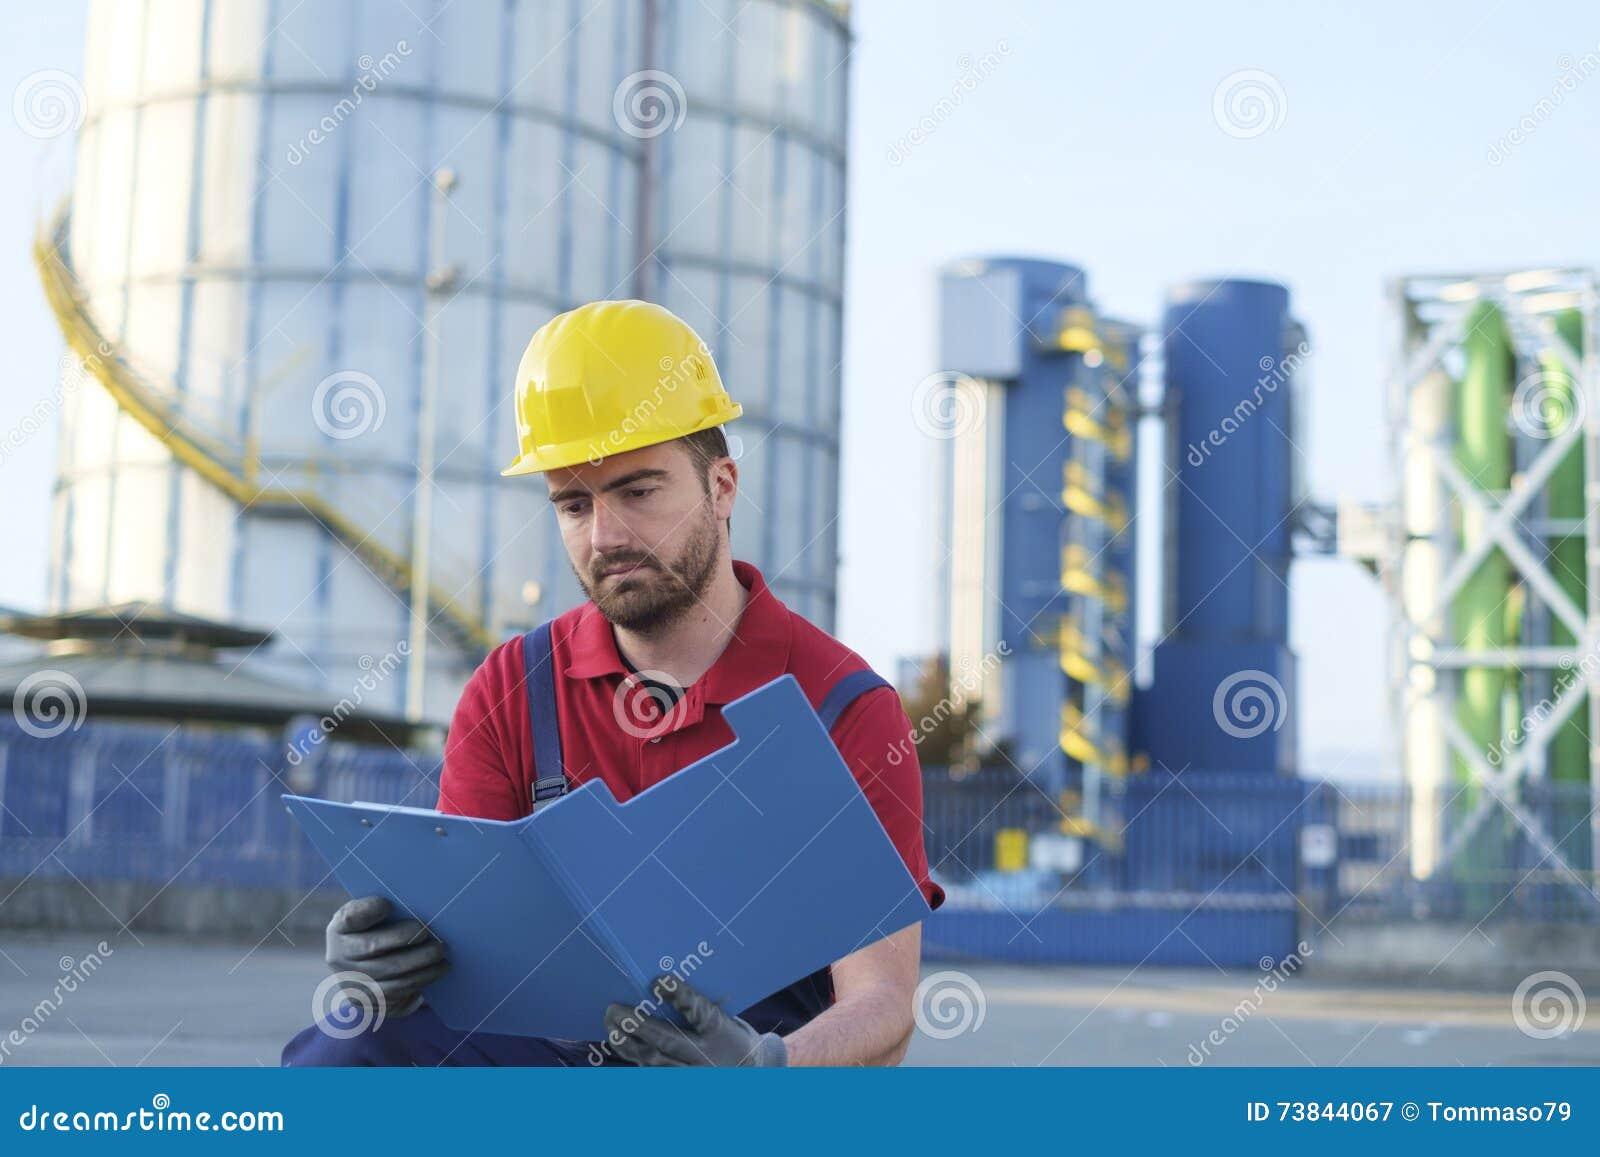 Occupation laborer